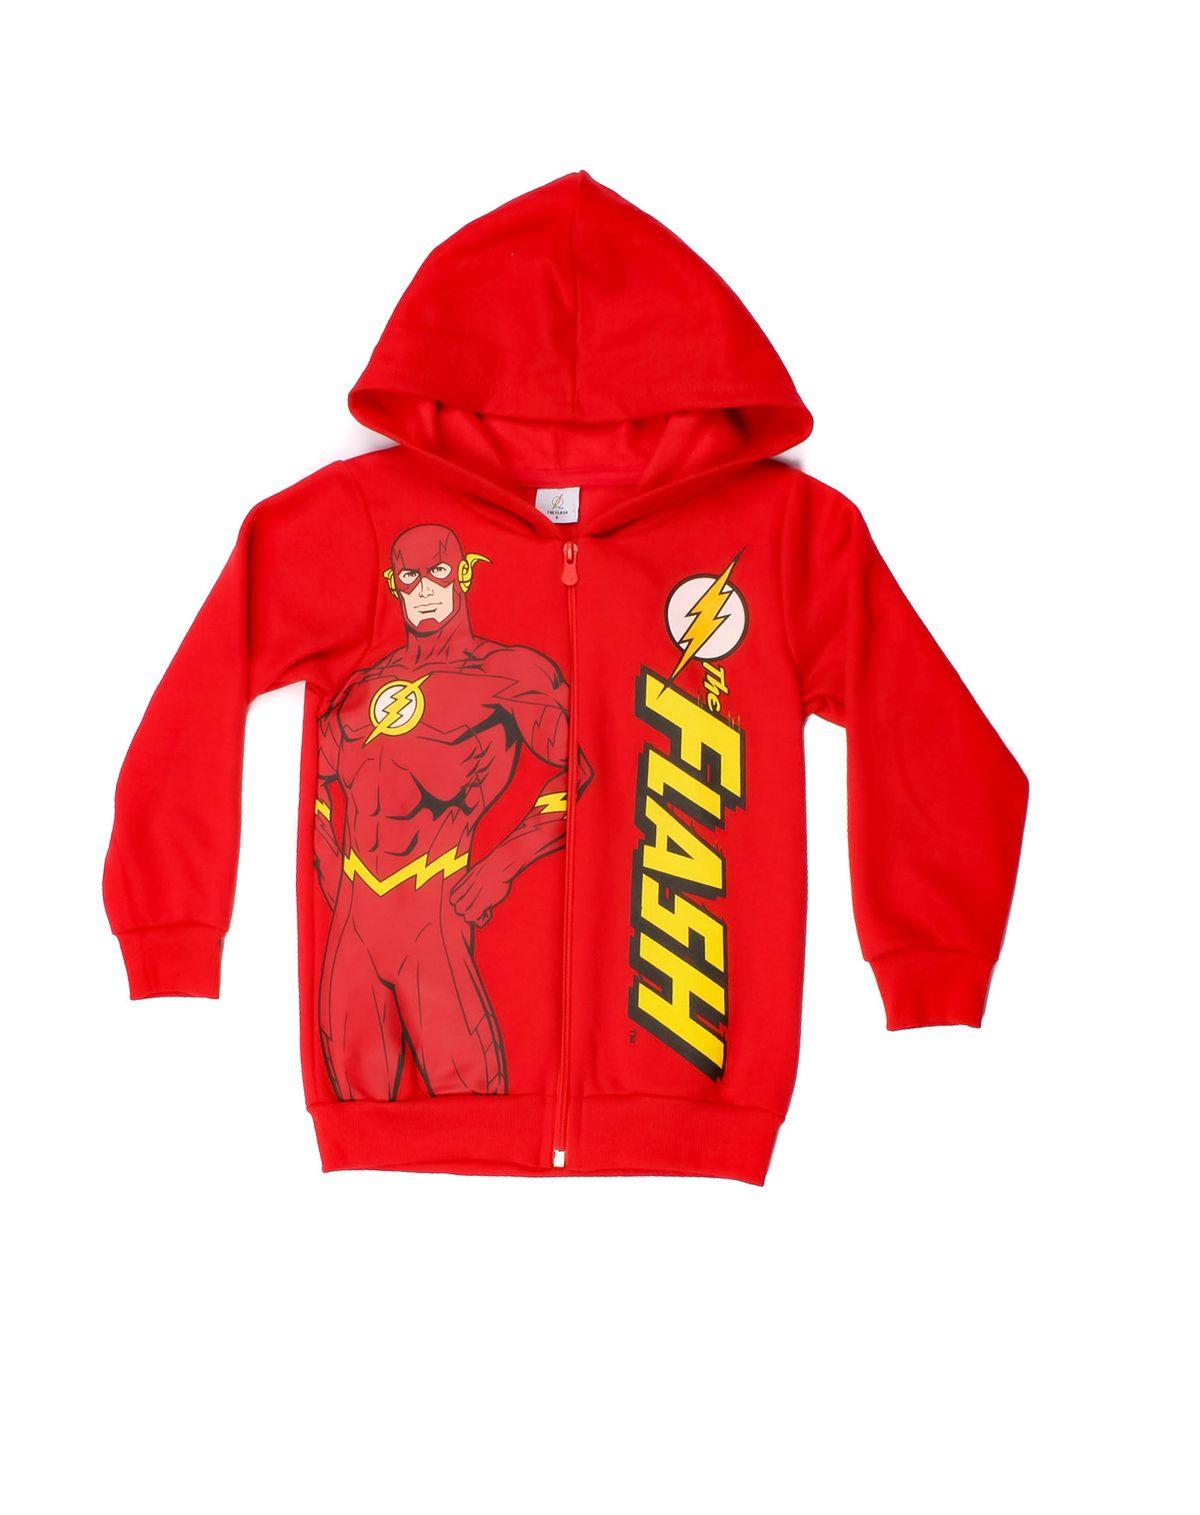 581579008-jaqueta-moletom-infantil-menino-flash-capuz-vermelho-10-b02